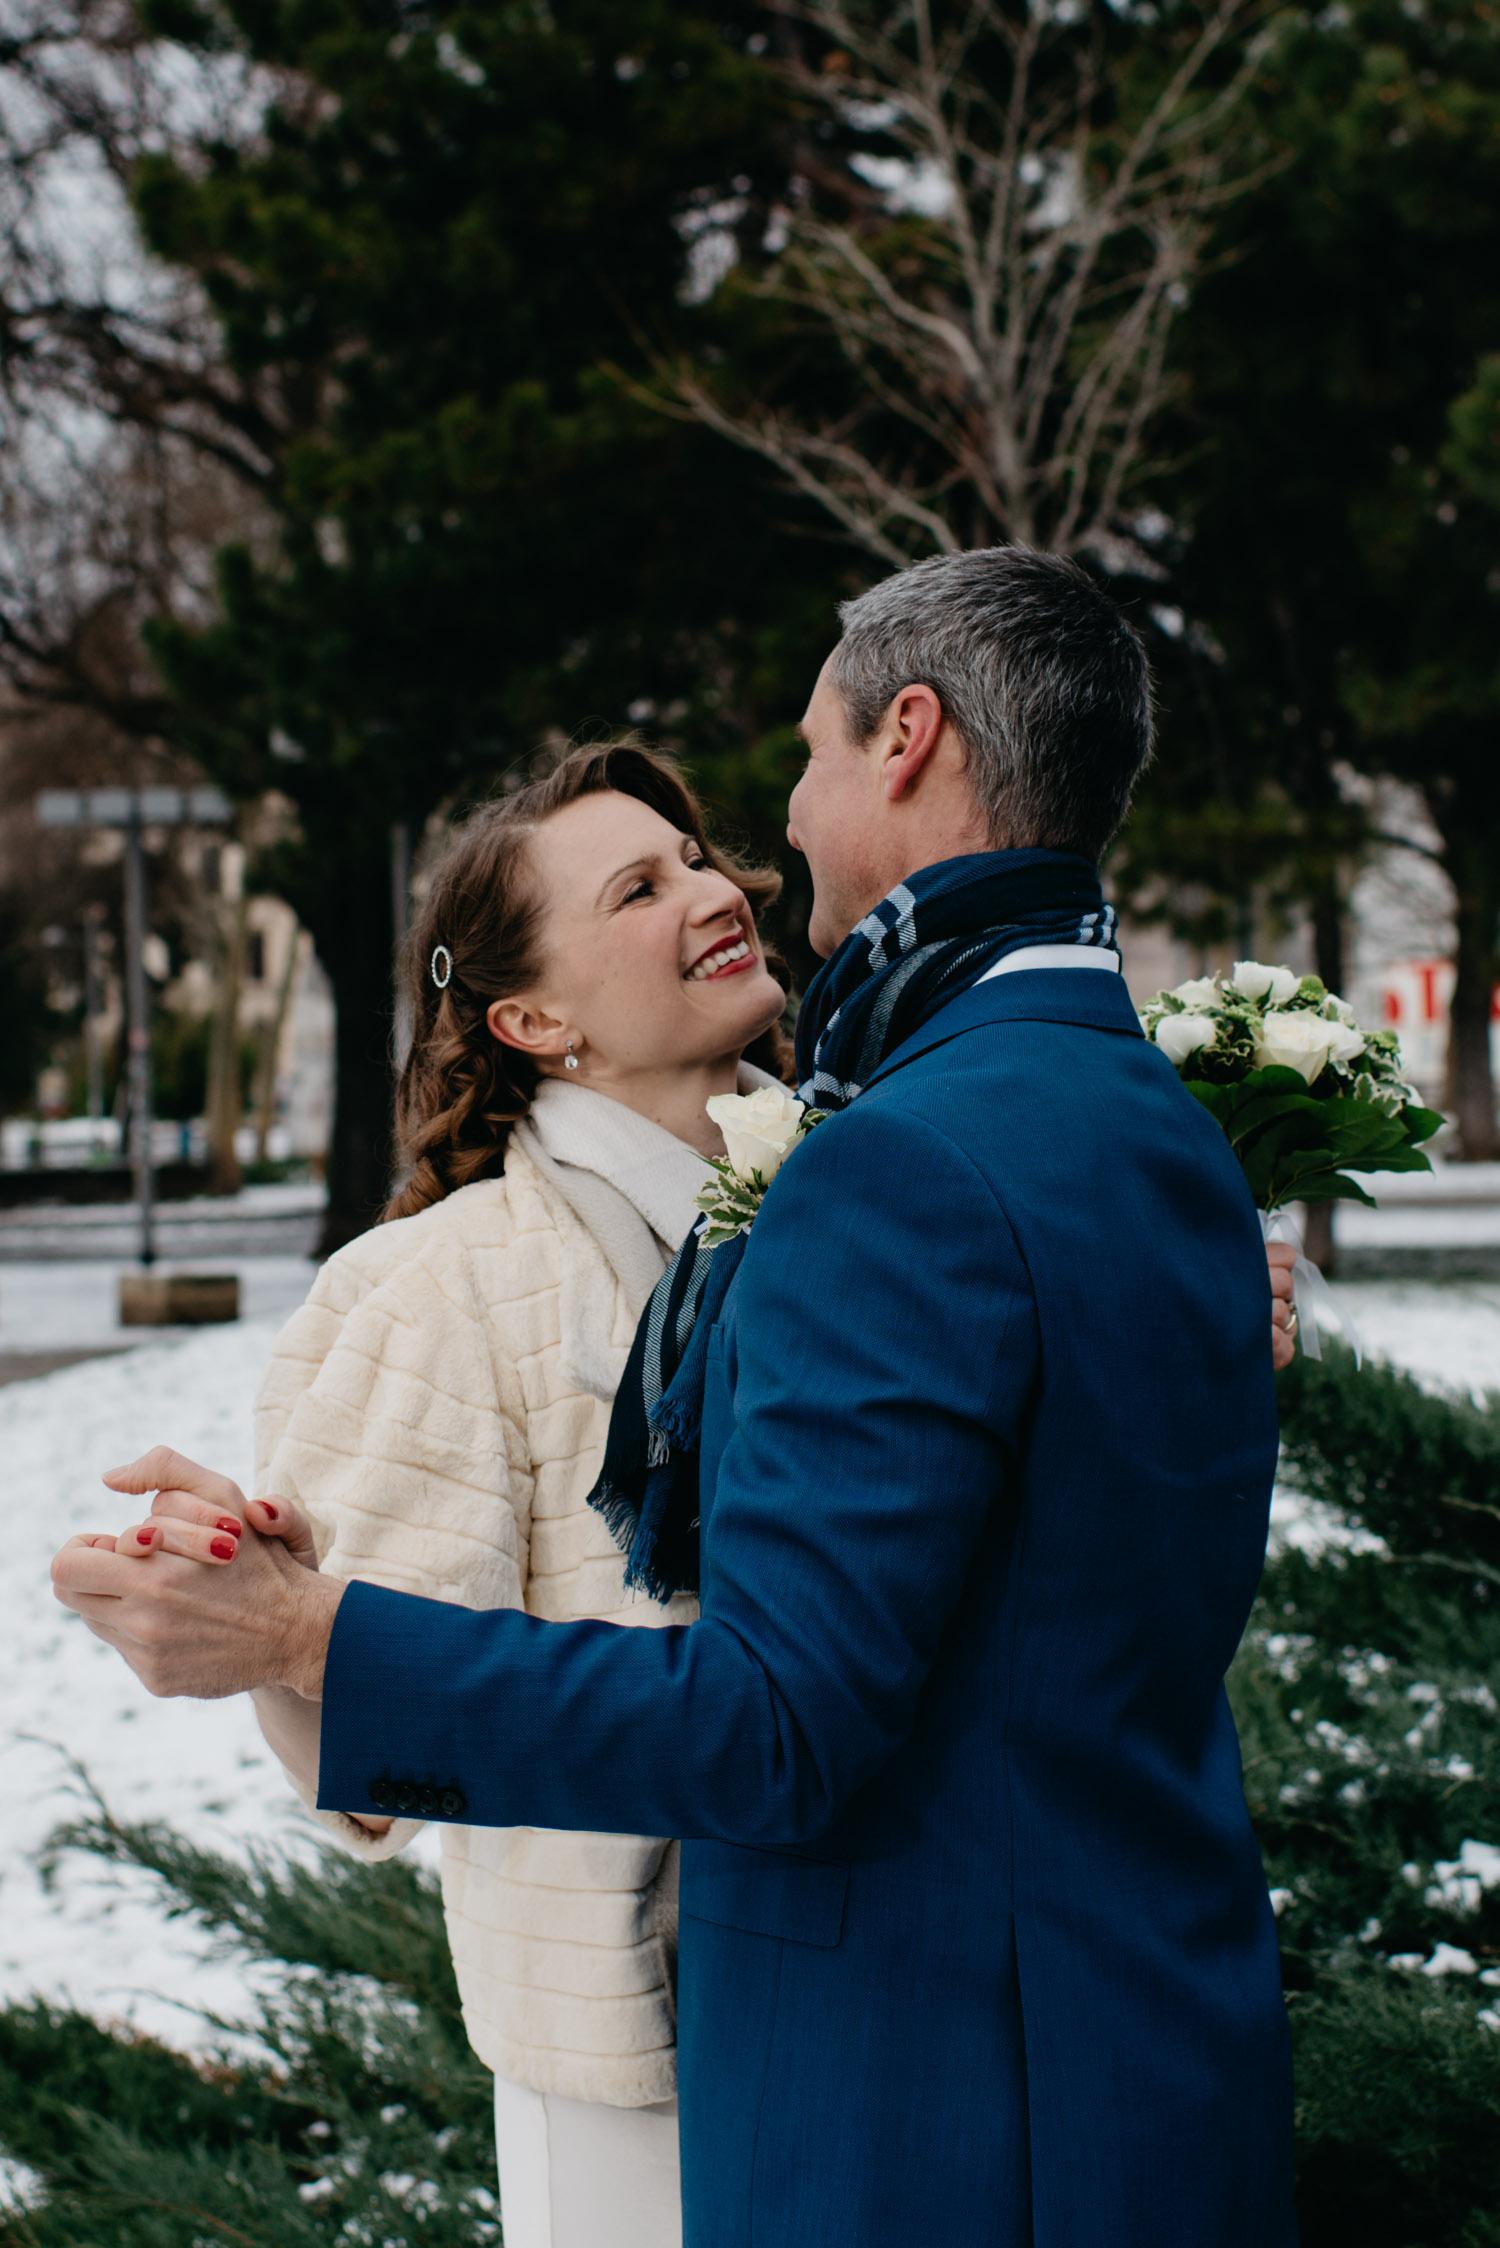 hochzeitsfotografin-wien-hochzeitsfotograf-tirol-standesamt-wewillweddings-16 Hochzeitstipps Teil 2 -First Look | Hochzeitsfotografin Tirol